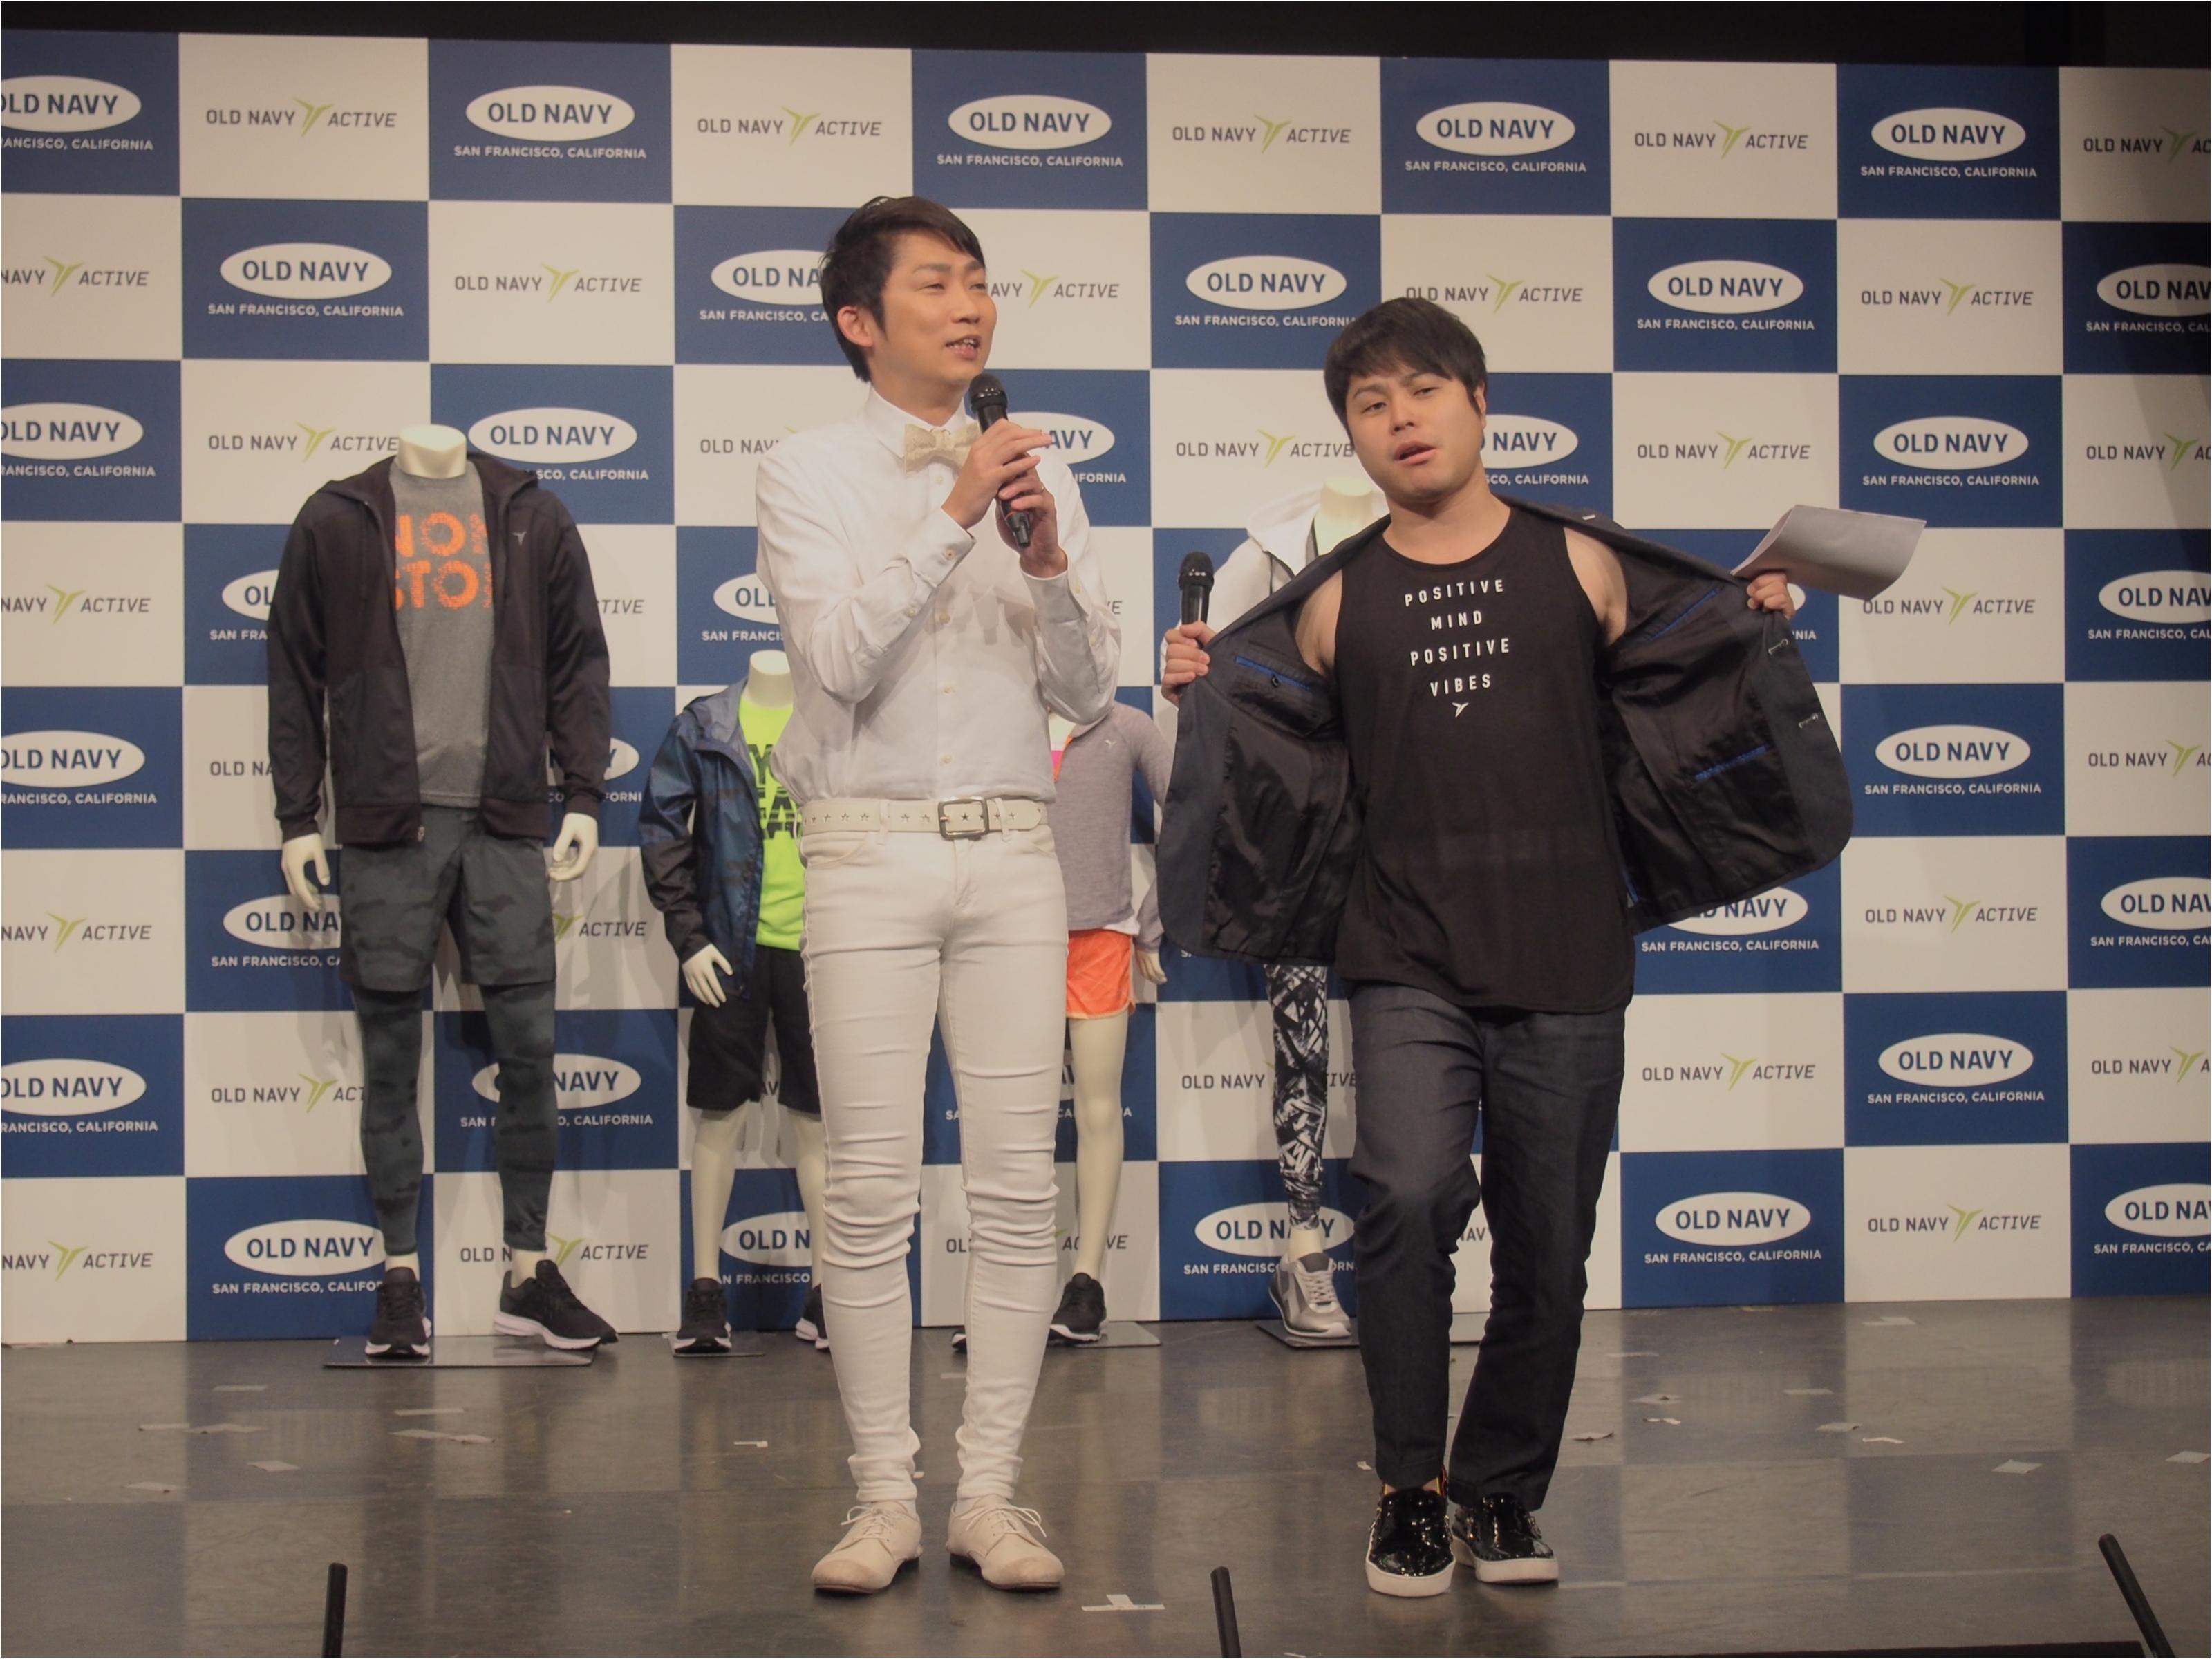 エグスプロージョン&トレンディエンジェルがダンスで魅せる! 『OLD NAVY』アクティブウェアが日本初上陸☆_1